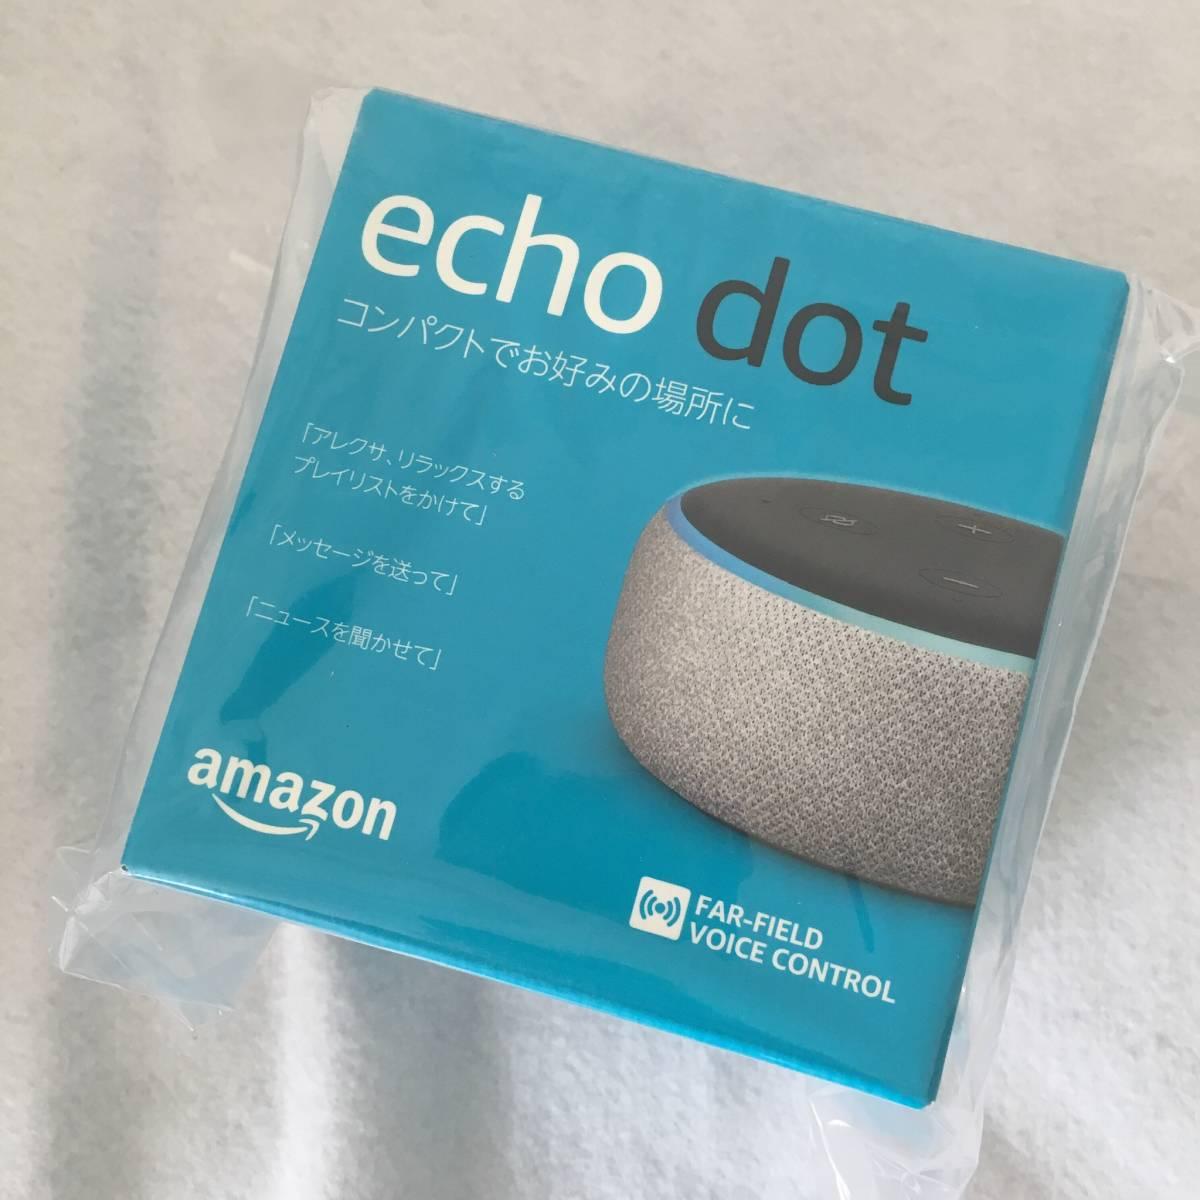 SD♪送0♪Amazon Echo Dot 第3世代 (Newモデル) ヘザーグレー Alexa 家電 スマートスピーカー 音声操作 アマゾン アレクサ